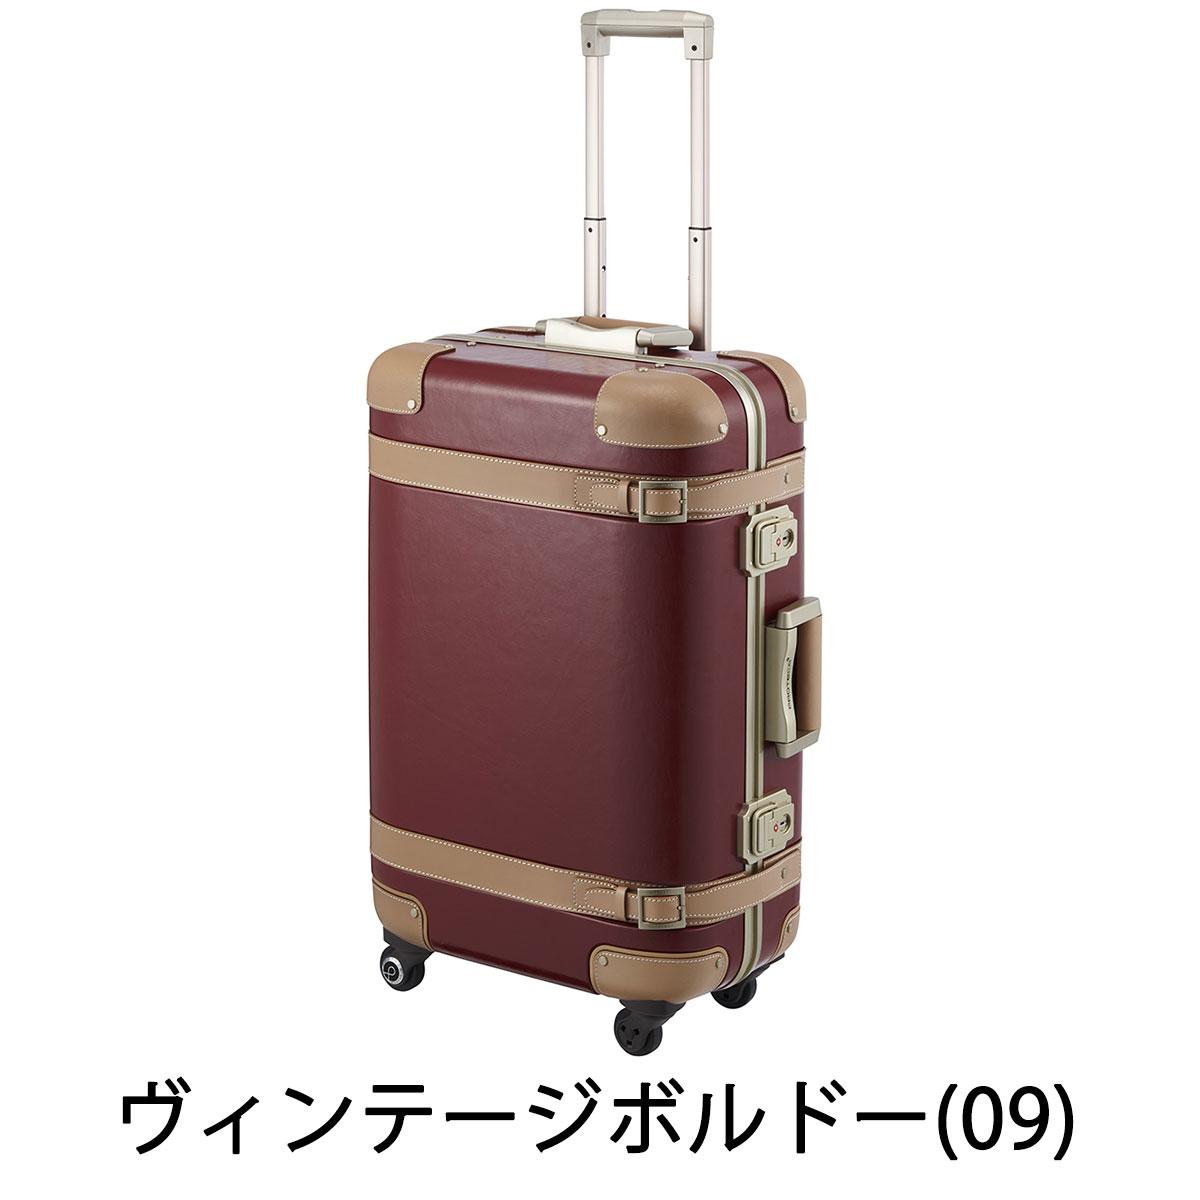 【3年保証】 プロテカ スーツケース PROTeCA プロテカ ジーニオセンチュリー スーツケース 60L Mサイズ 3~5泊 PROTeCA GENIO CENTURY フレーム キャリーケース 00512 エース ACE 【ラッキーシール対応】